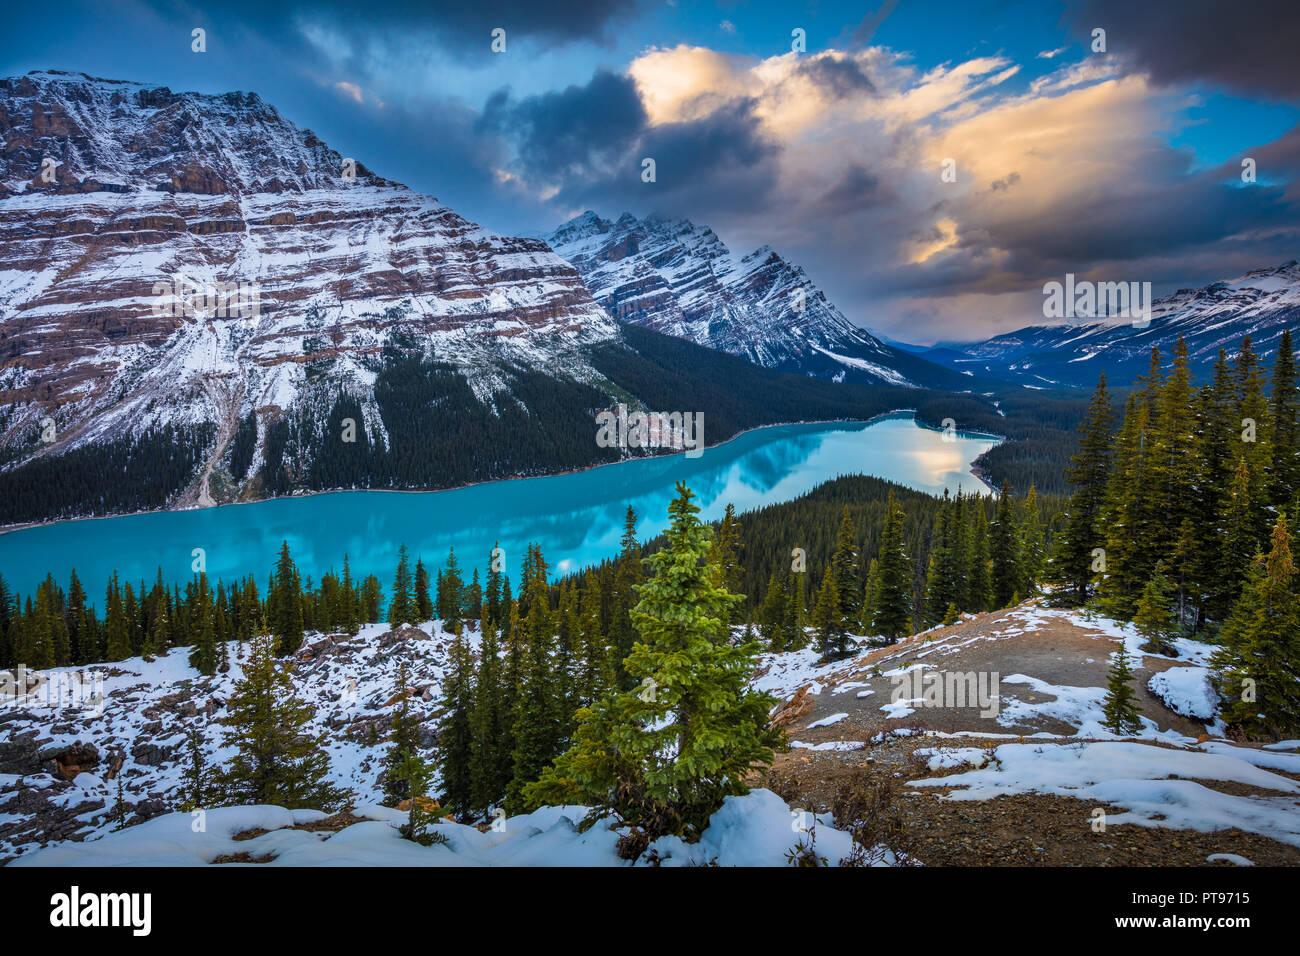 Il Lago Peyto è un ghiacciaio-lago alimentato nel Parco Nazionale di Banff nelle Montagne Rocciose Canadesi. Il lago stesso è facilmente accessibile dall'Icefields Parkway. Immagini Stock